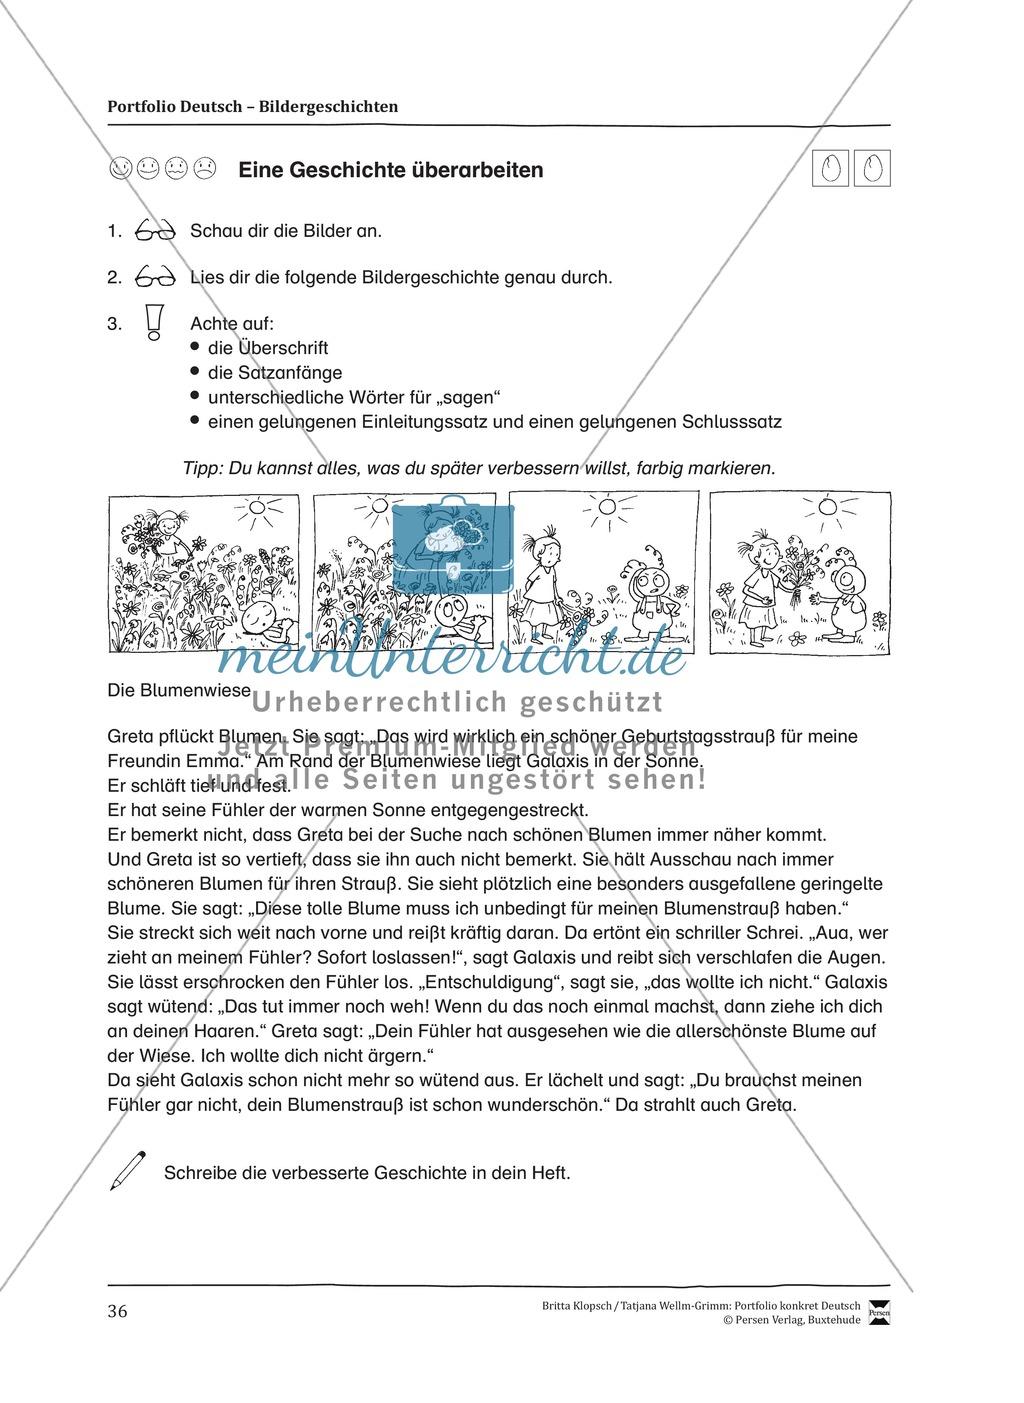 Kopiervorlagen für Aufsatzerziehung am Beispiel Bildergeschichte Preview 28